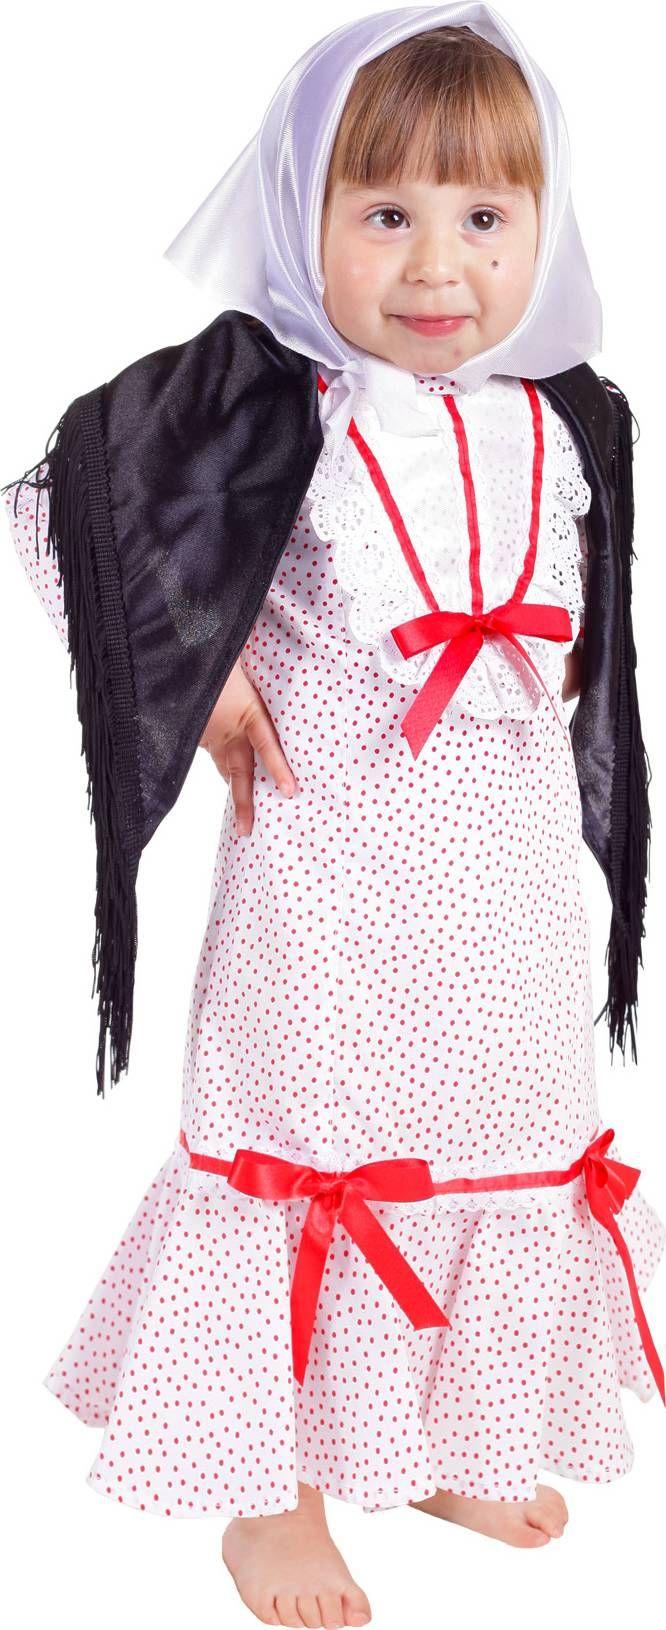 Disfraz de chulapa niña : Vegaoo, compra de Disfraces niños. Disponible en www.vegaoo.es